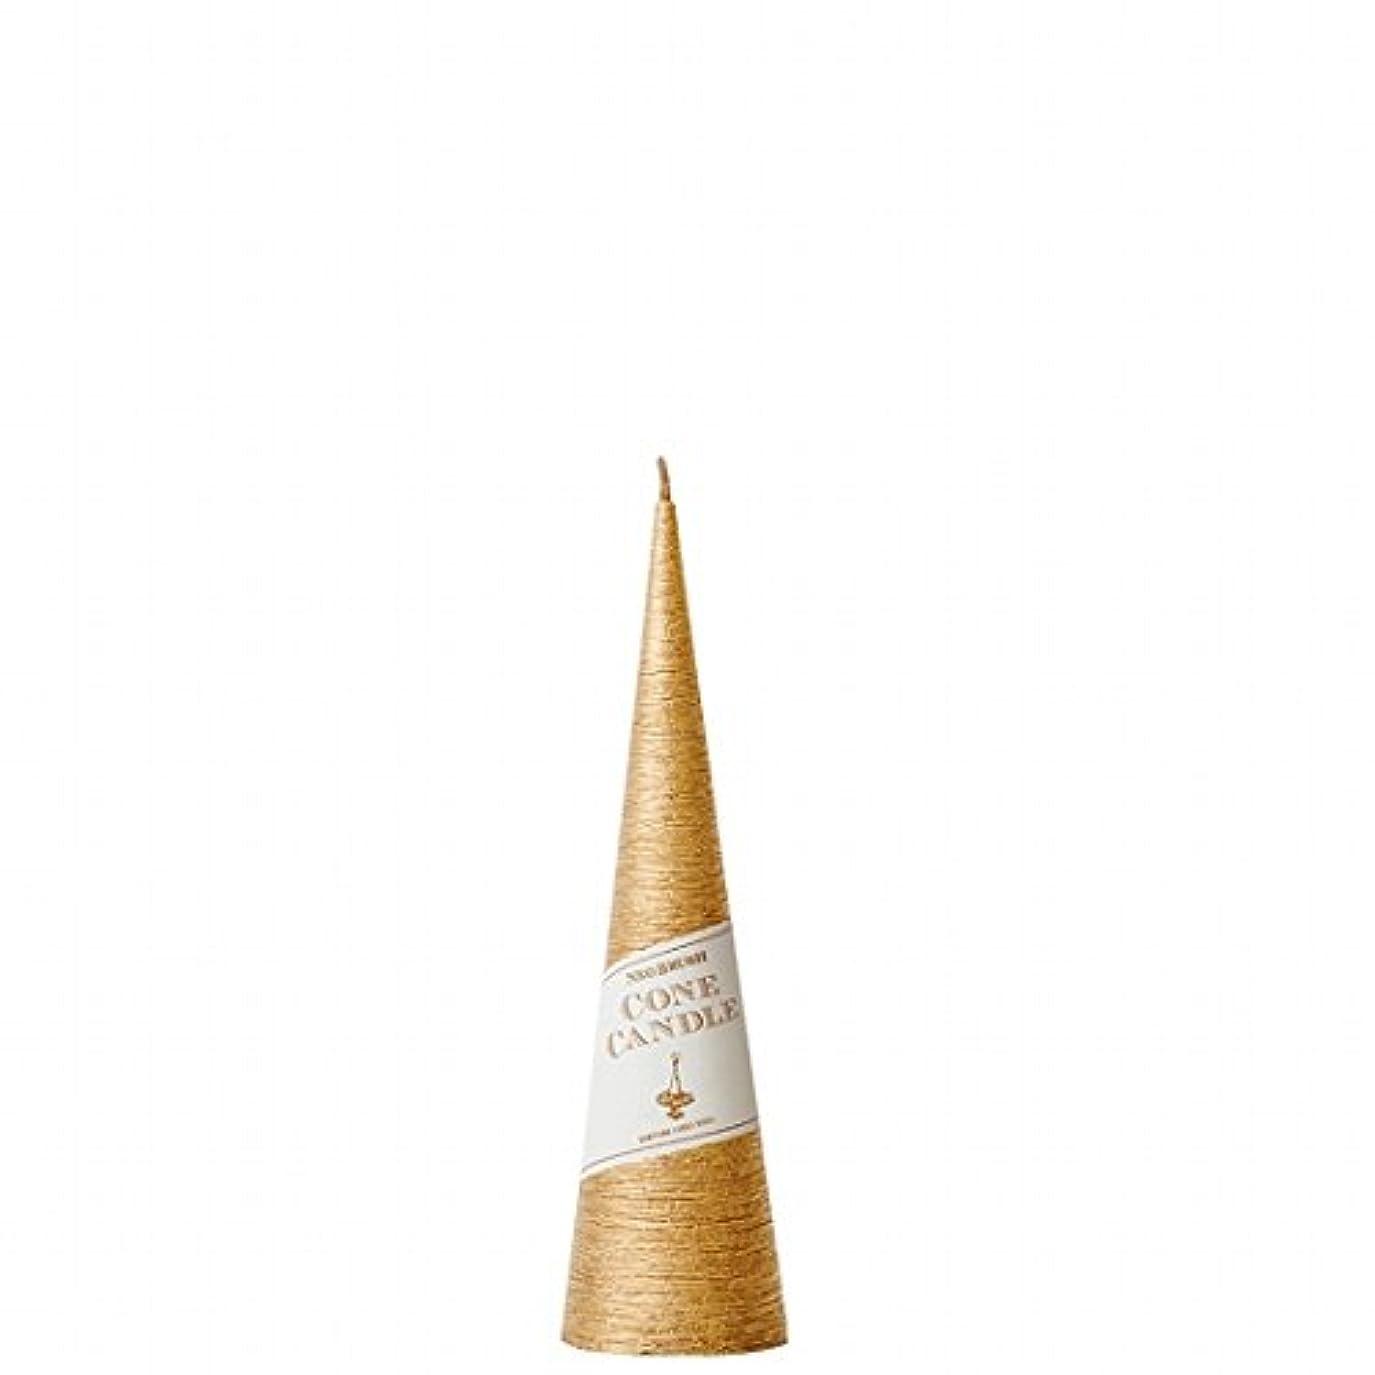 それぞれ一緒により多いkameyama candle(カメヤマキャンドル) ネオブラッシュコーン 180 キャンドル 「 ゴールド 」 6個セット(A9750110GO)